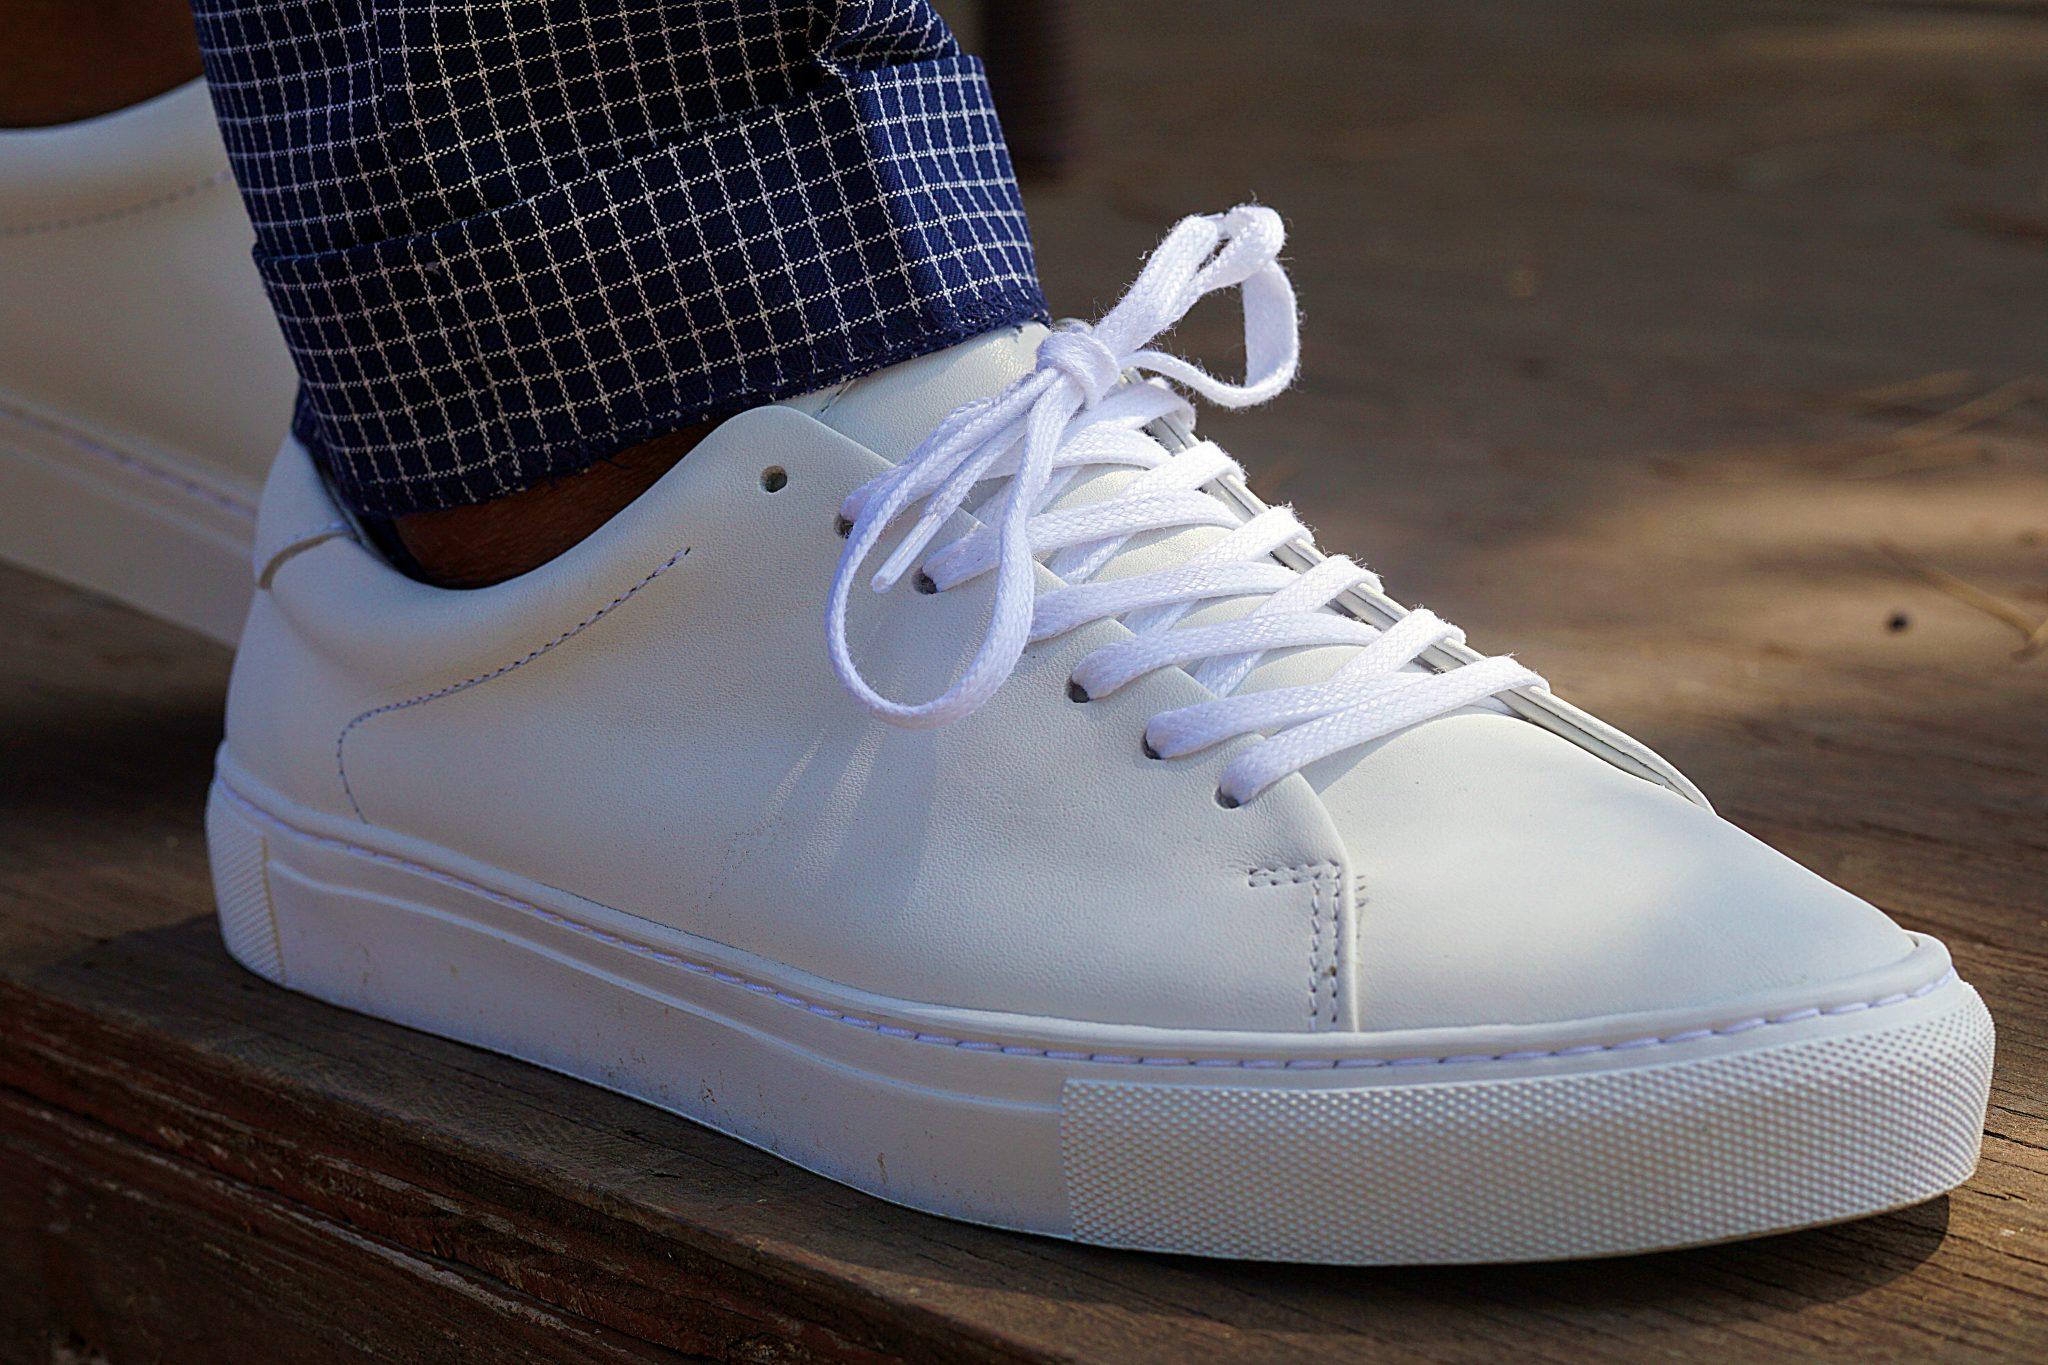 Beckett Simonon-Reid-low-top-sneaker-white-leather